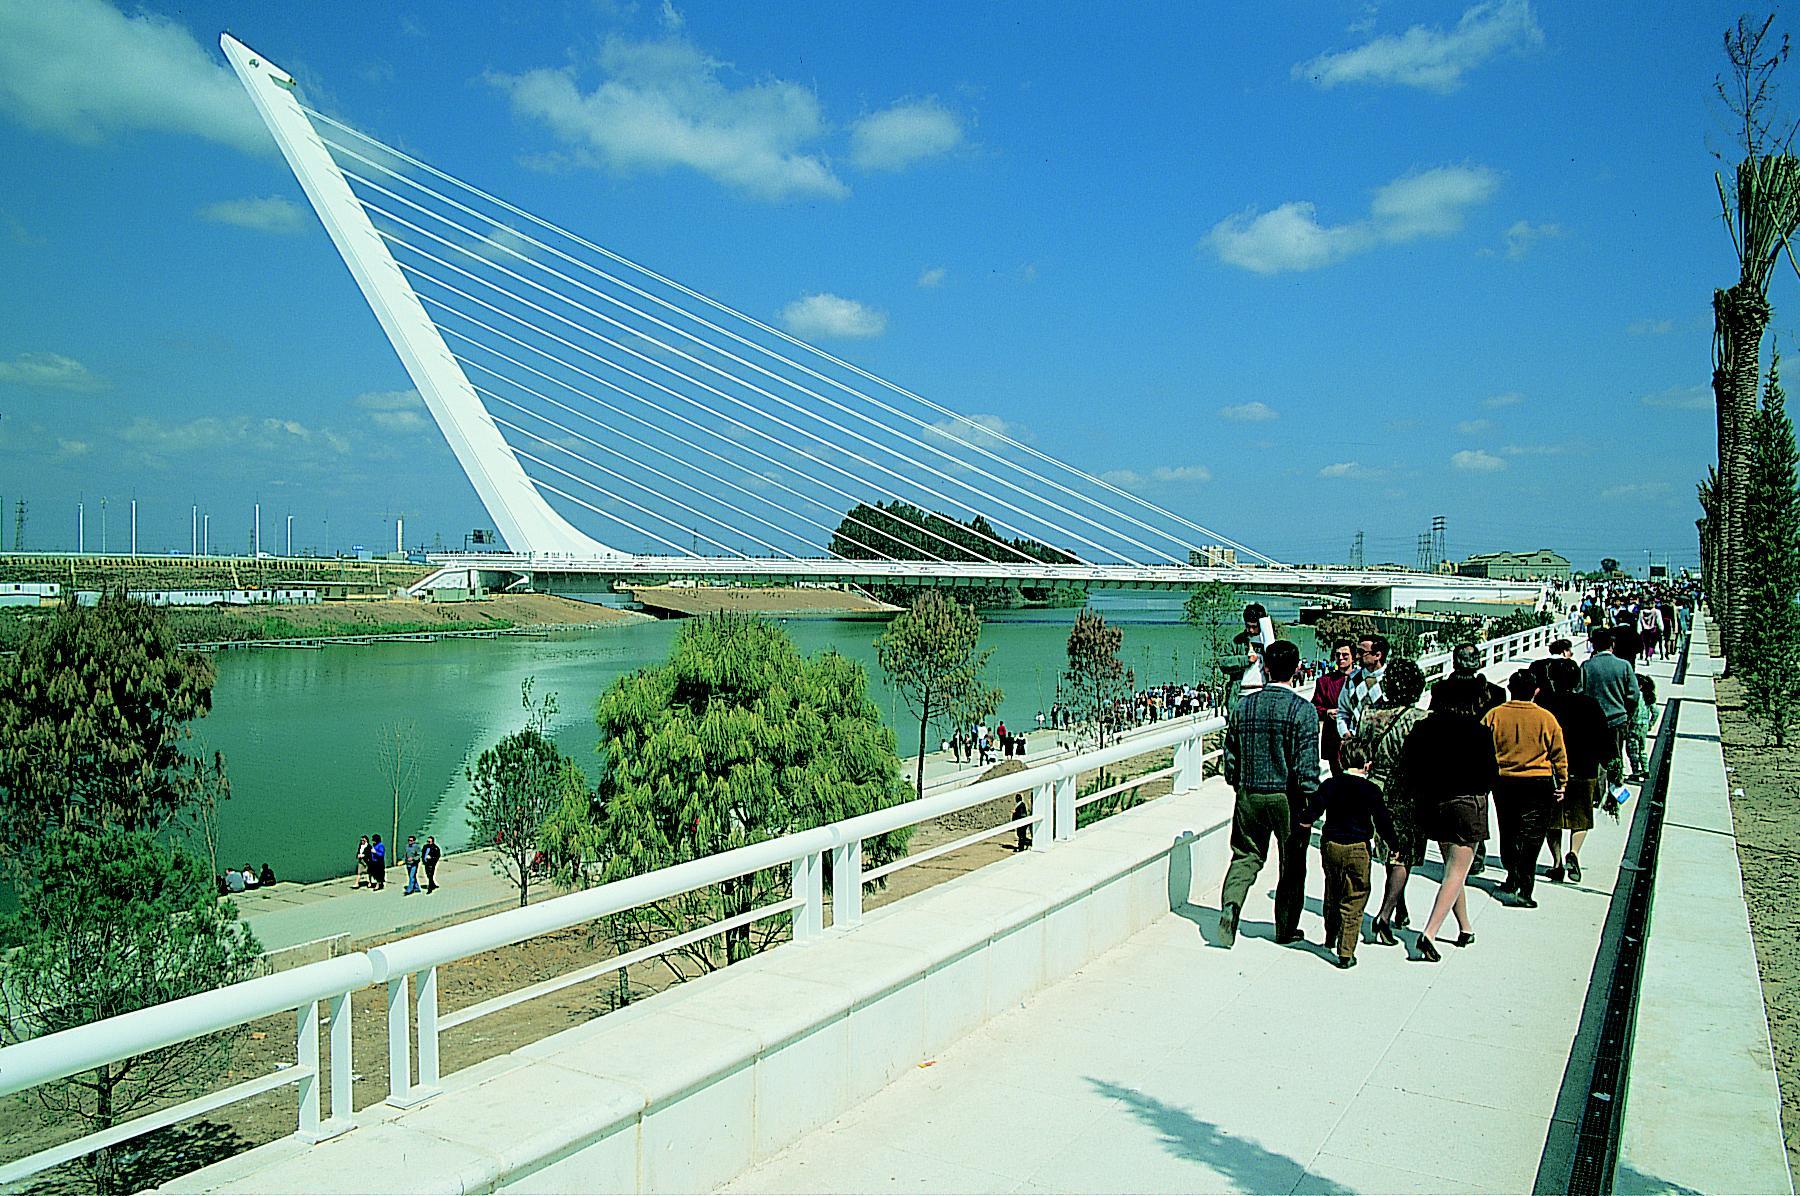 Pont de l'alamillo (seville)